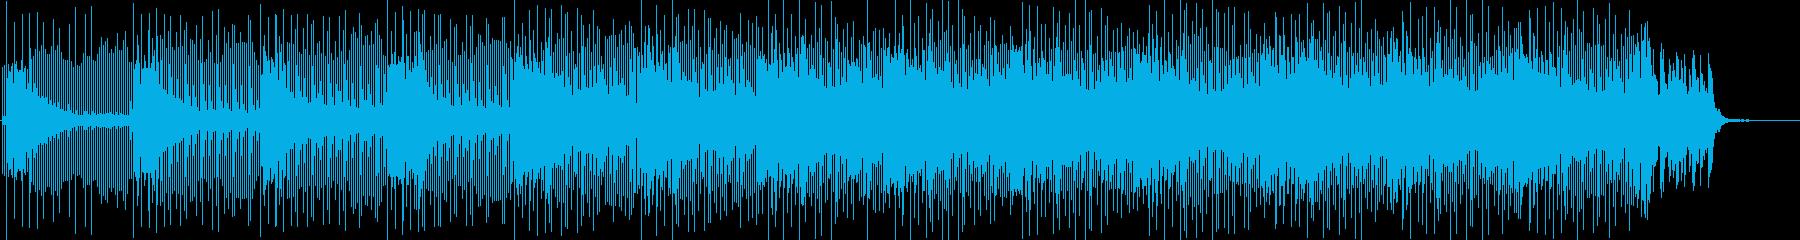 対決シーン向けのテクノの再生済みの波形